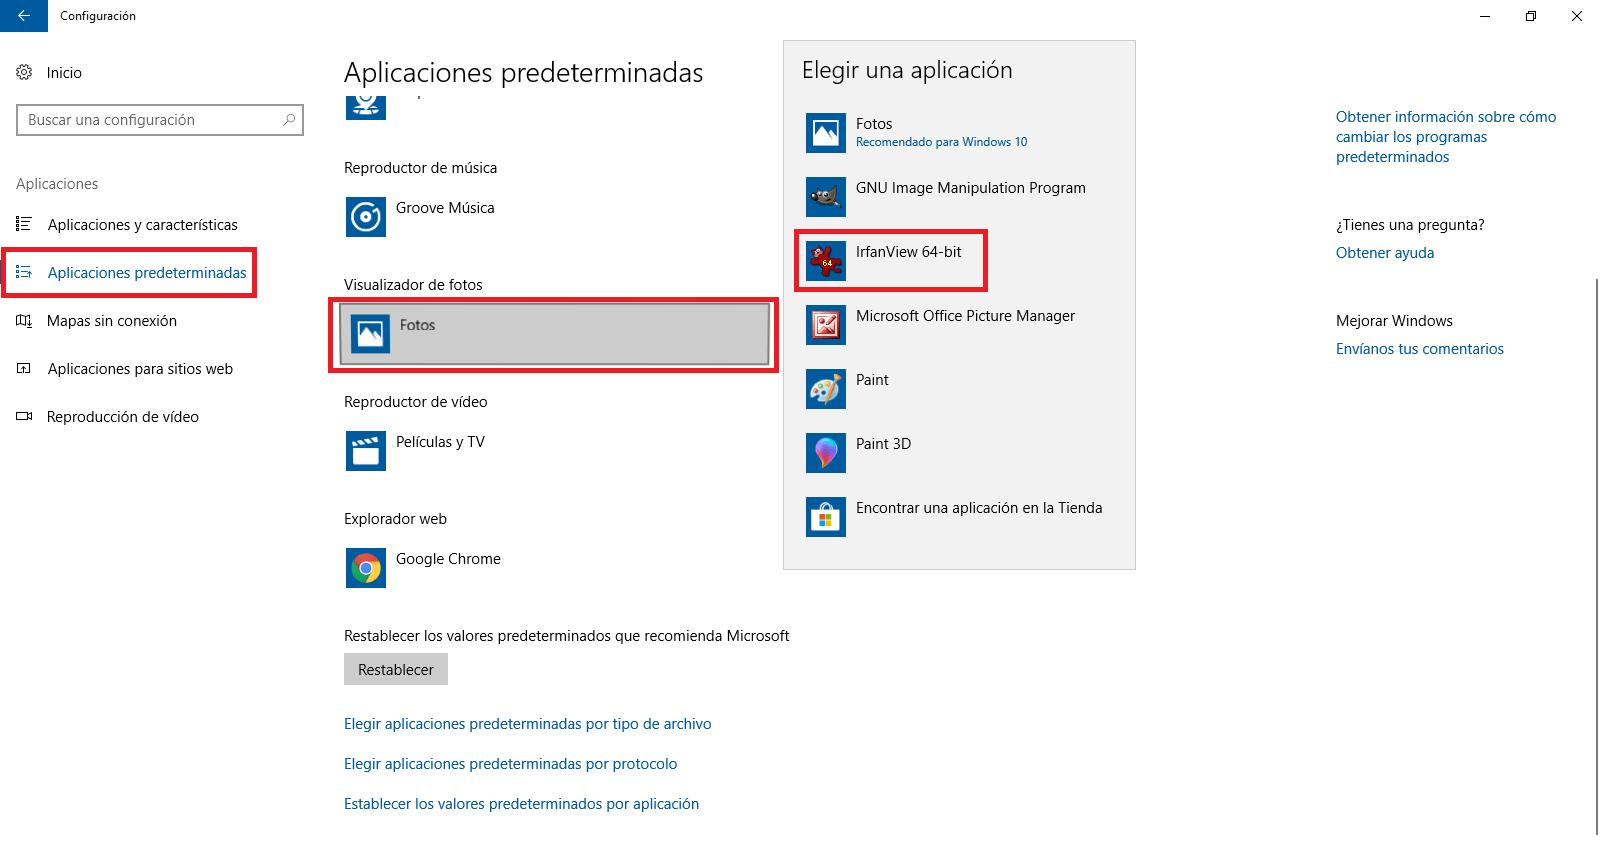 Como solucionar: Imágenes JPG no se abren en Windows 10 (app.